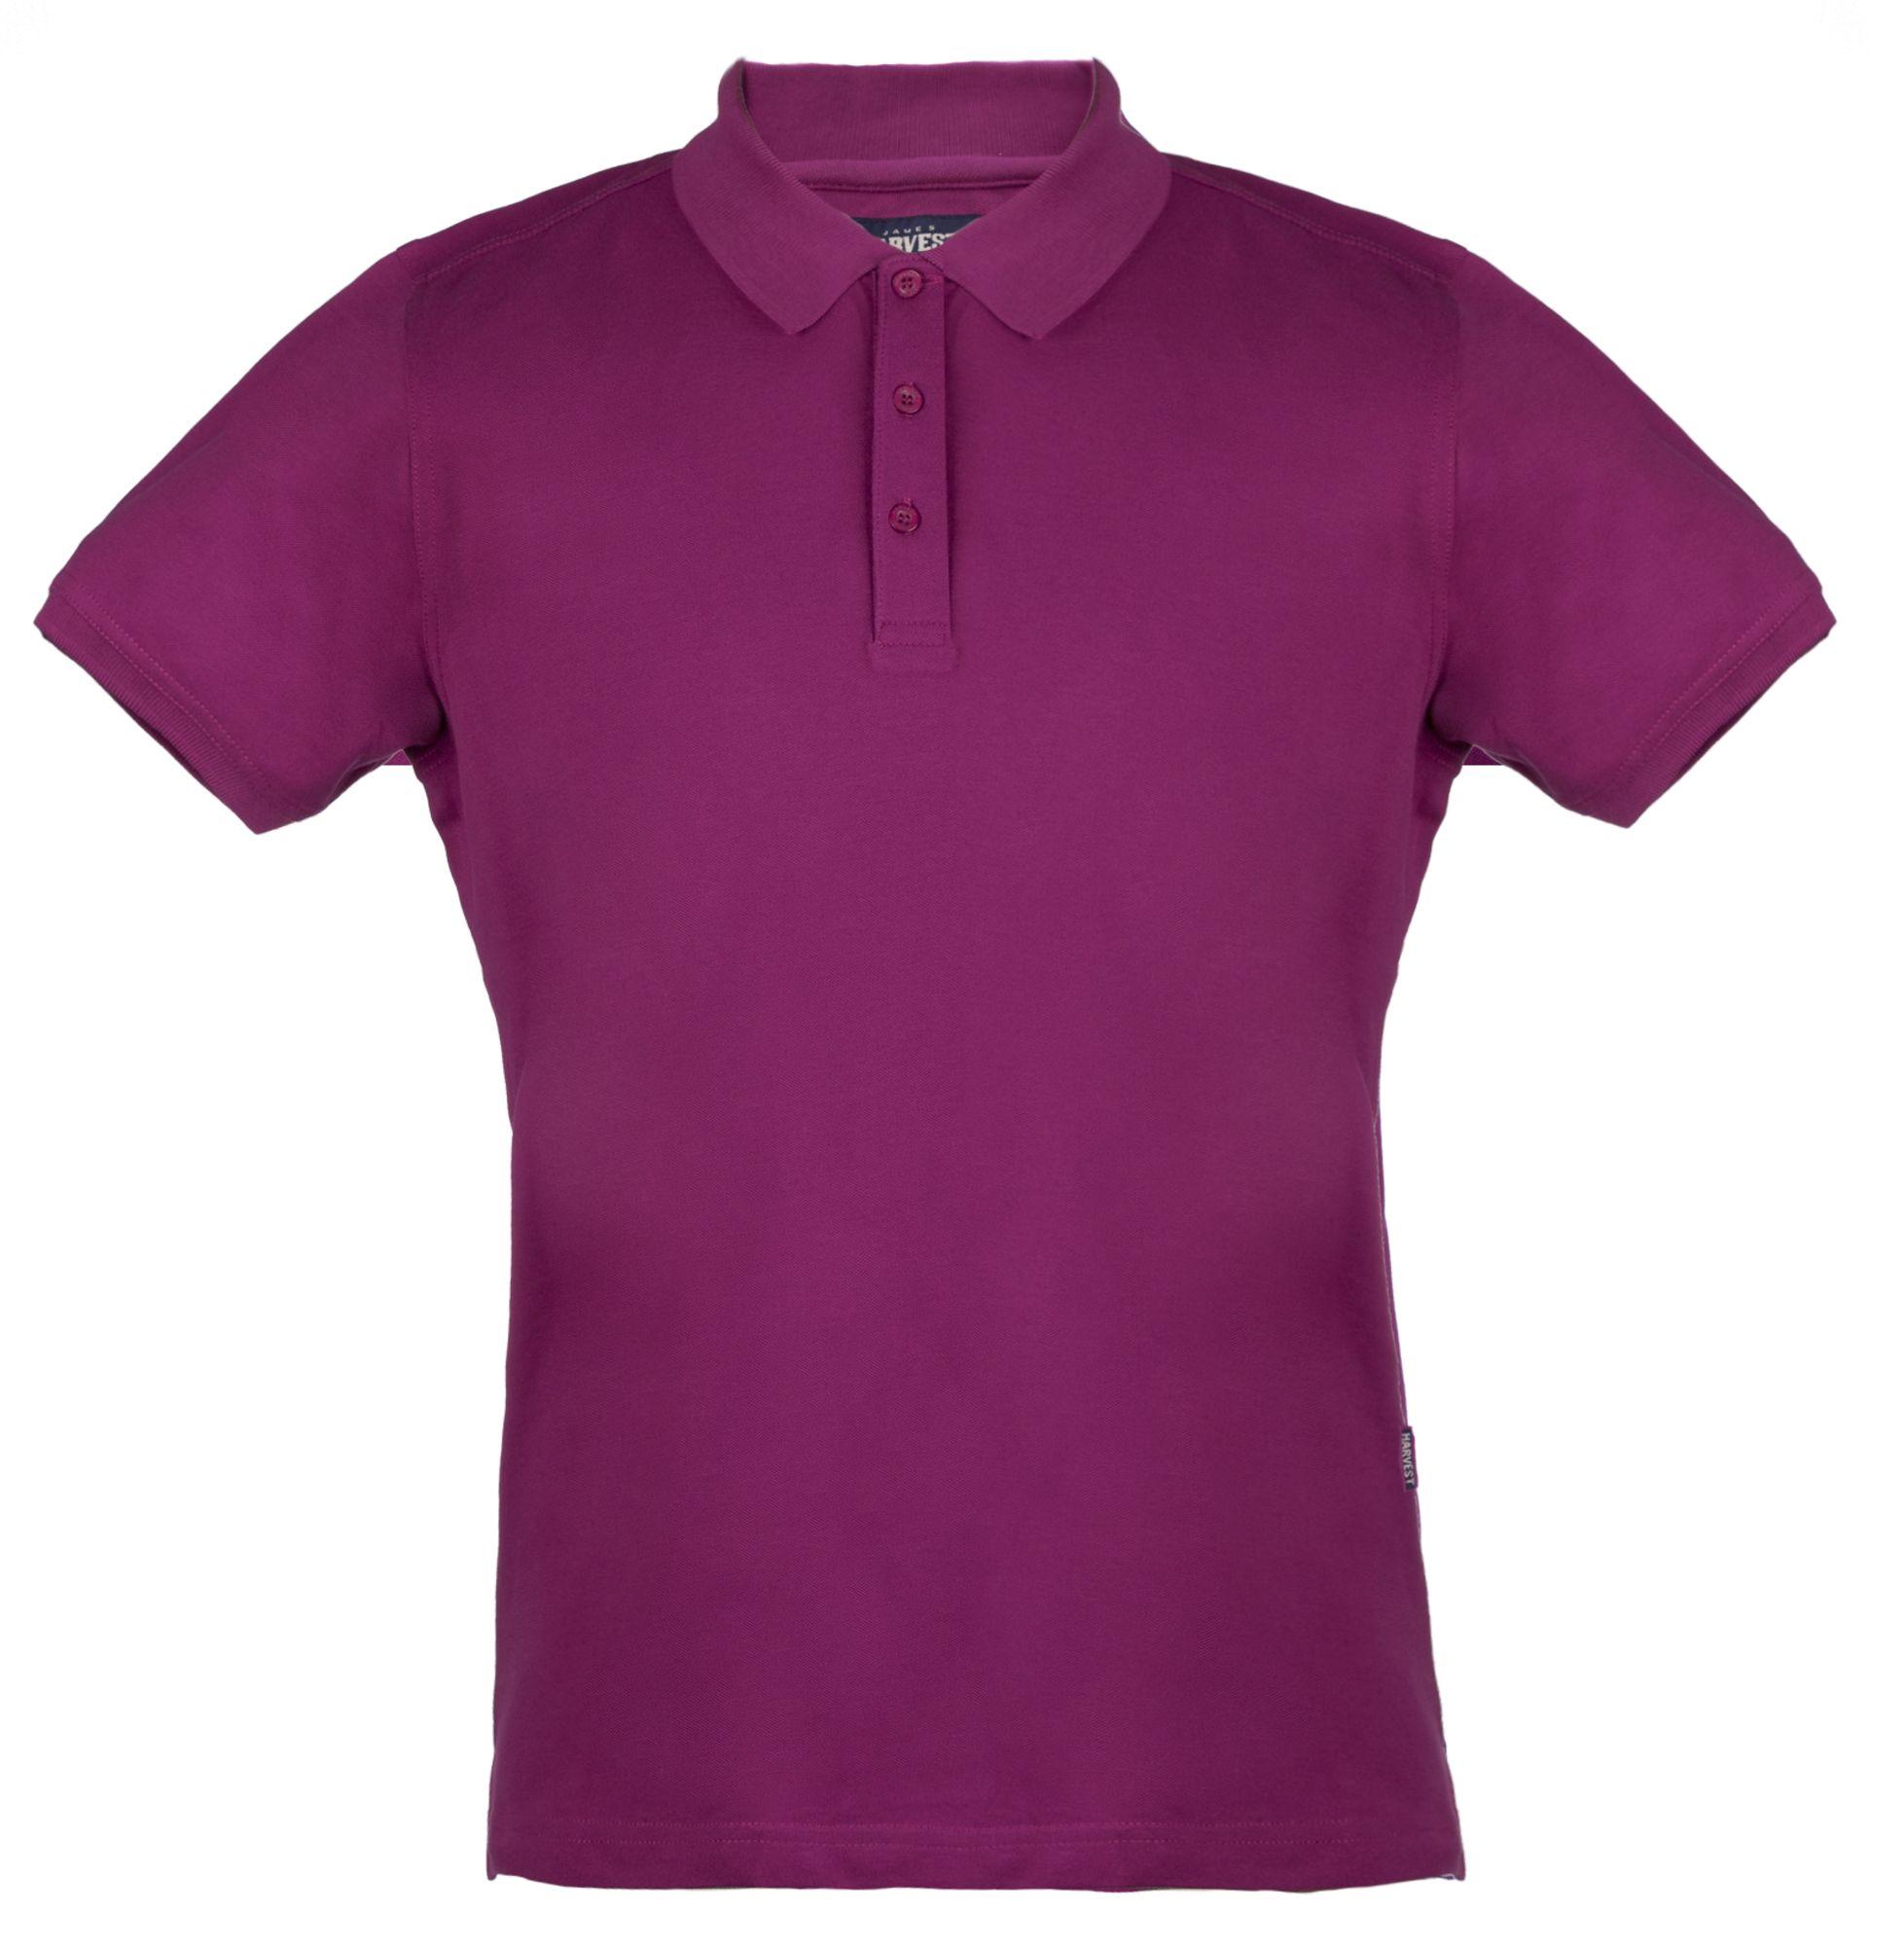 Рубашка поло стретч мужская EAGLE, лиловая